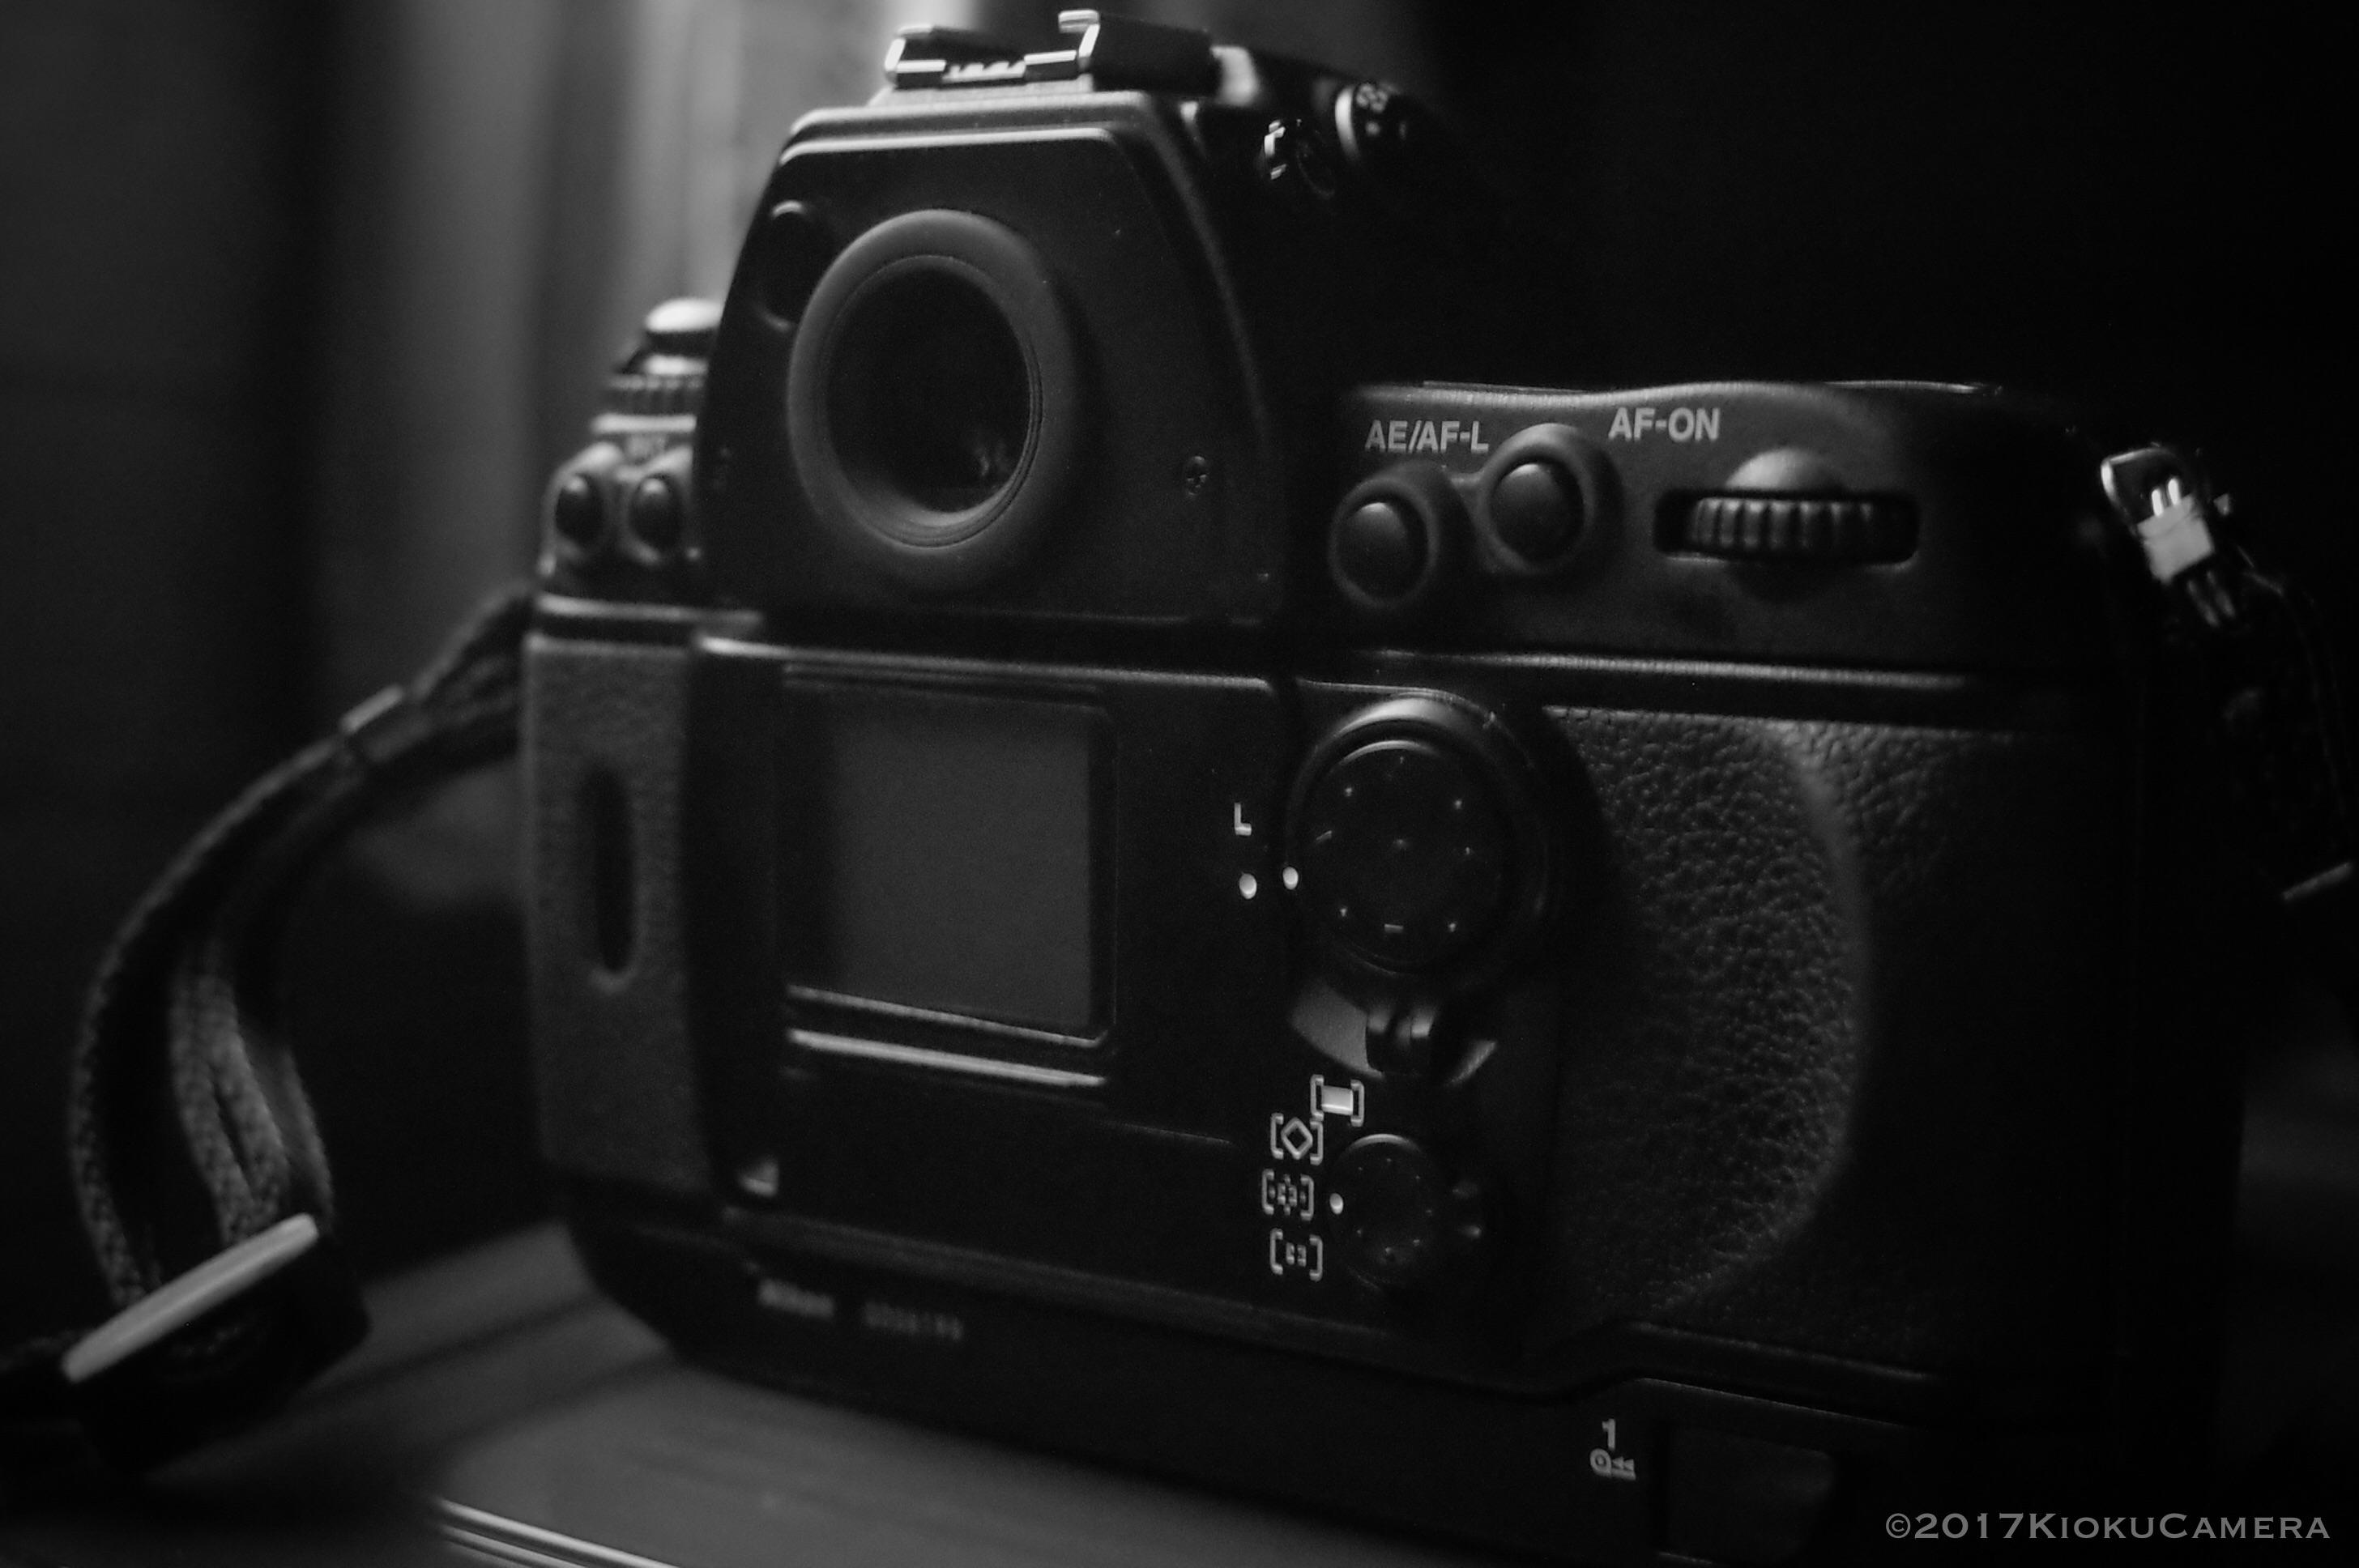 Nikon F6は、僕の想像を大きく超えて素晴らしかった。